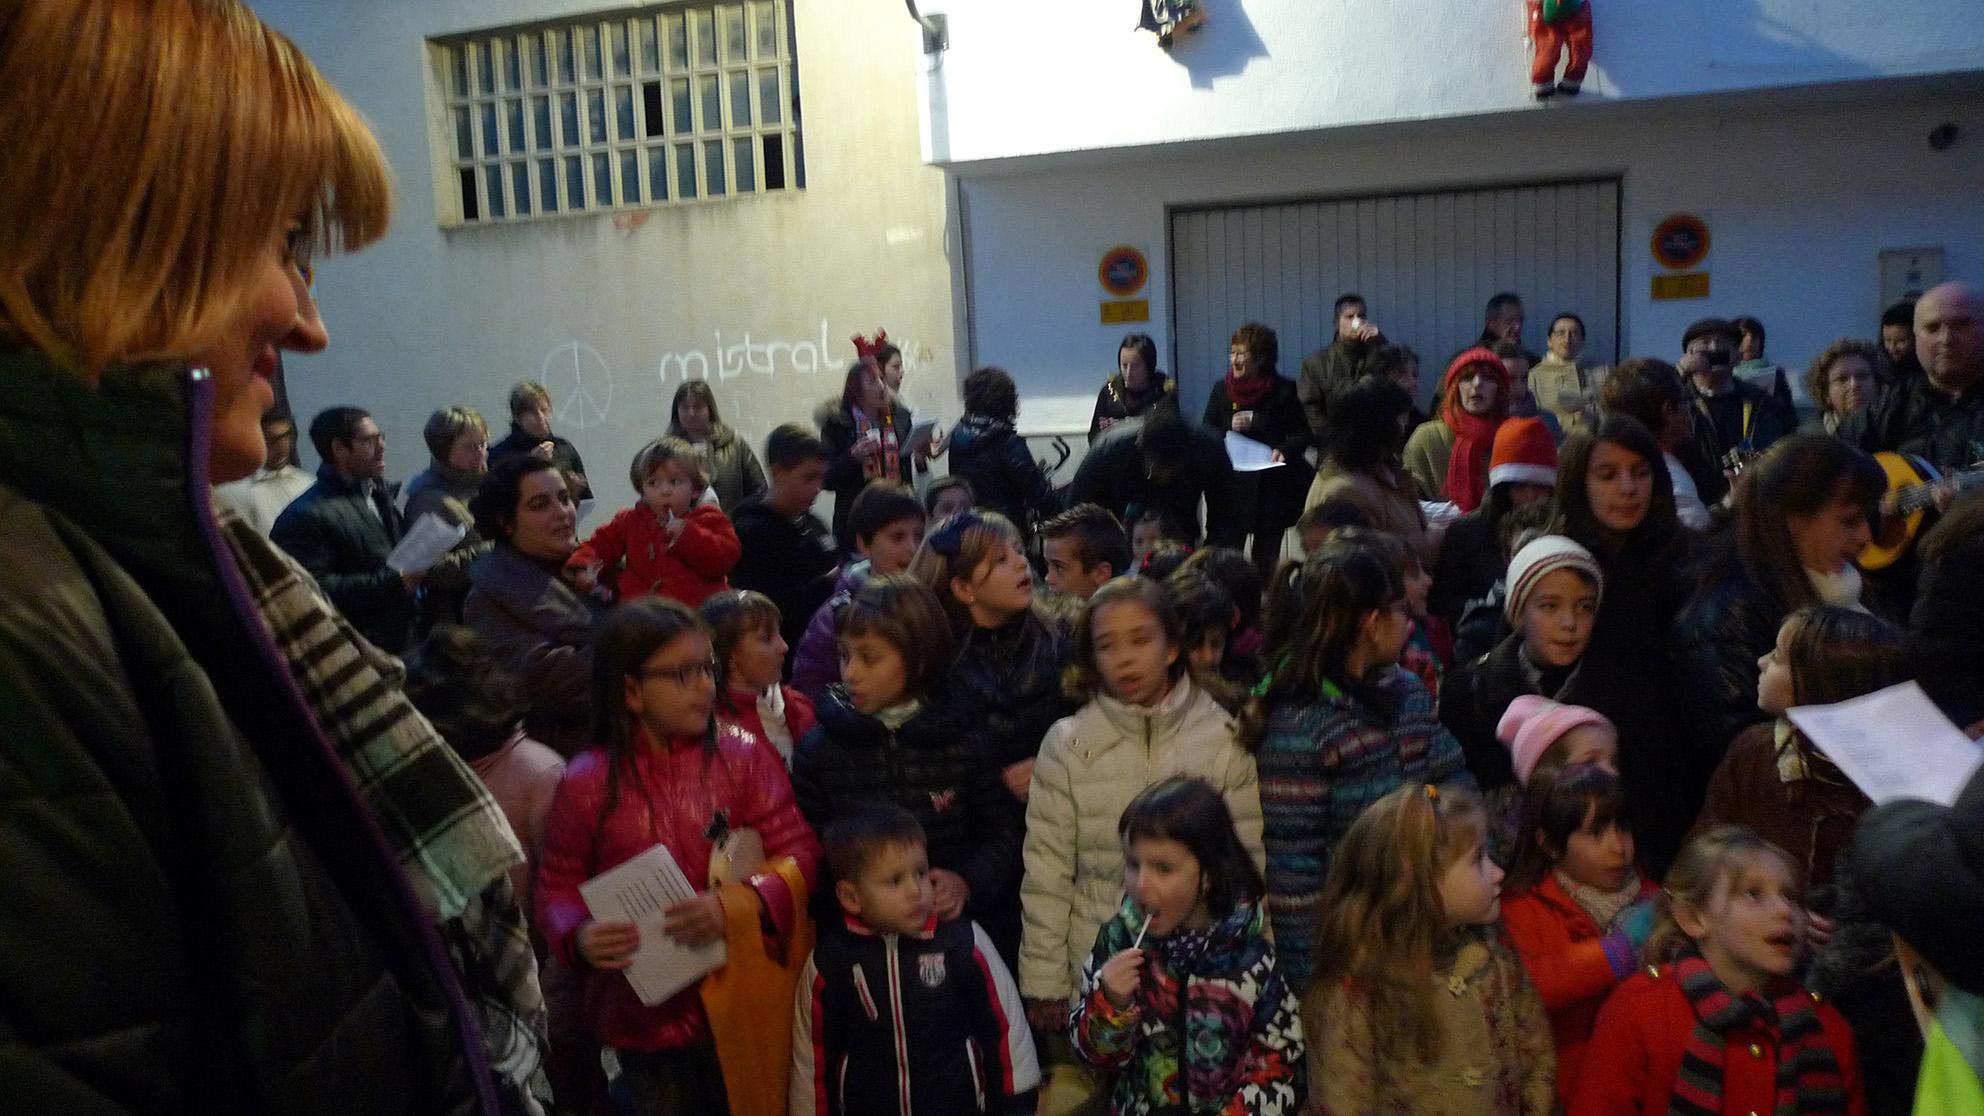 2014-12-24 Menuts de Baladre -AsguilandoMuro (12)